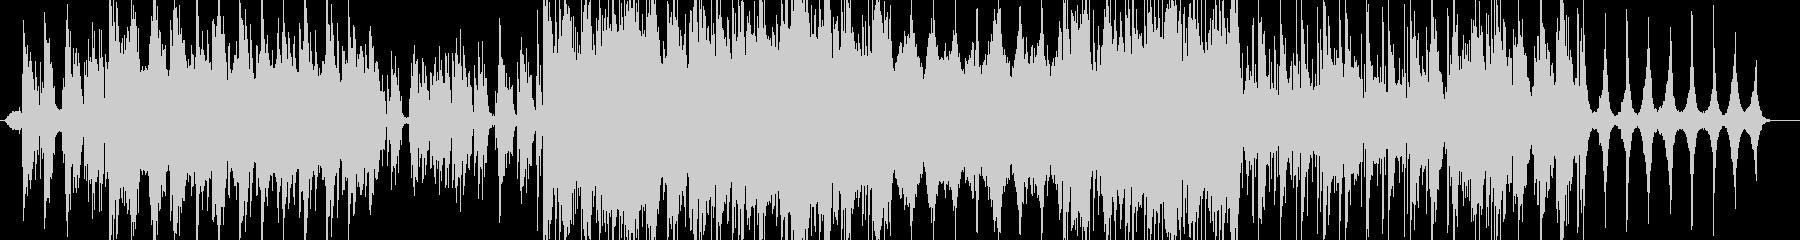 透明感のあるハッピーなピアノBGMの未再生の波形